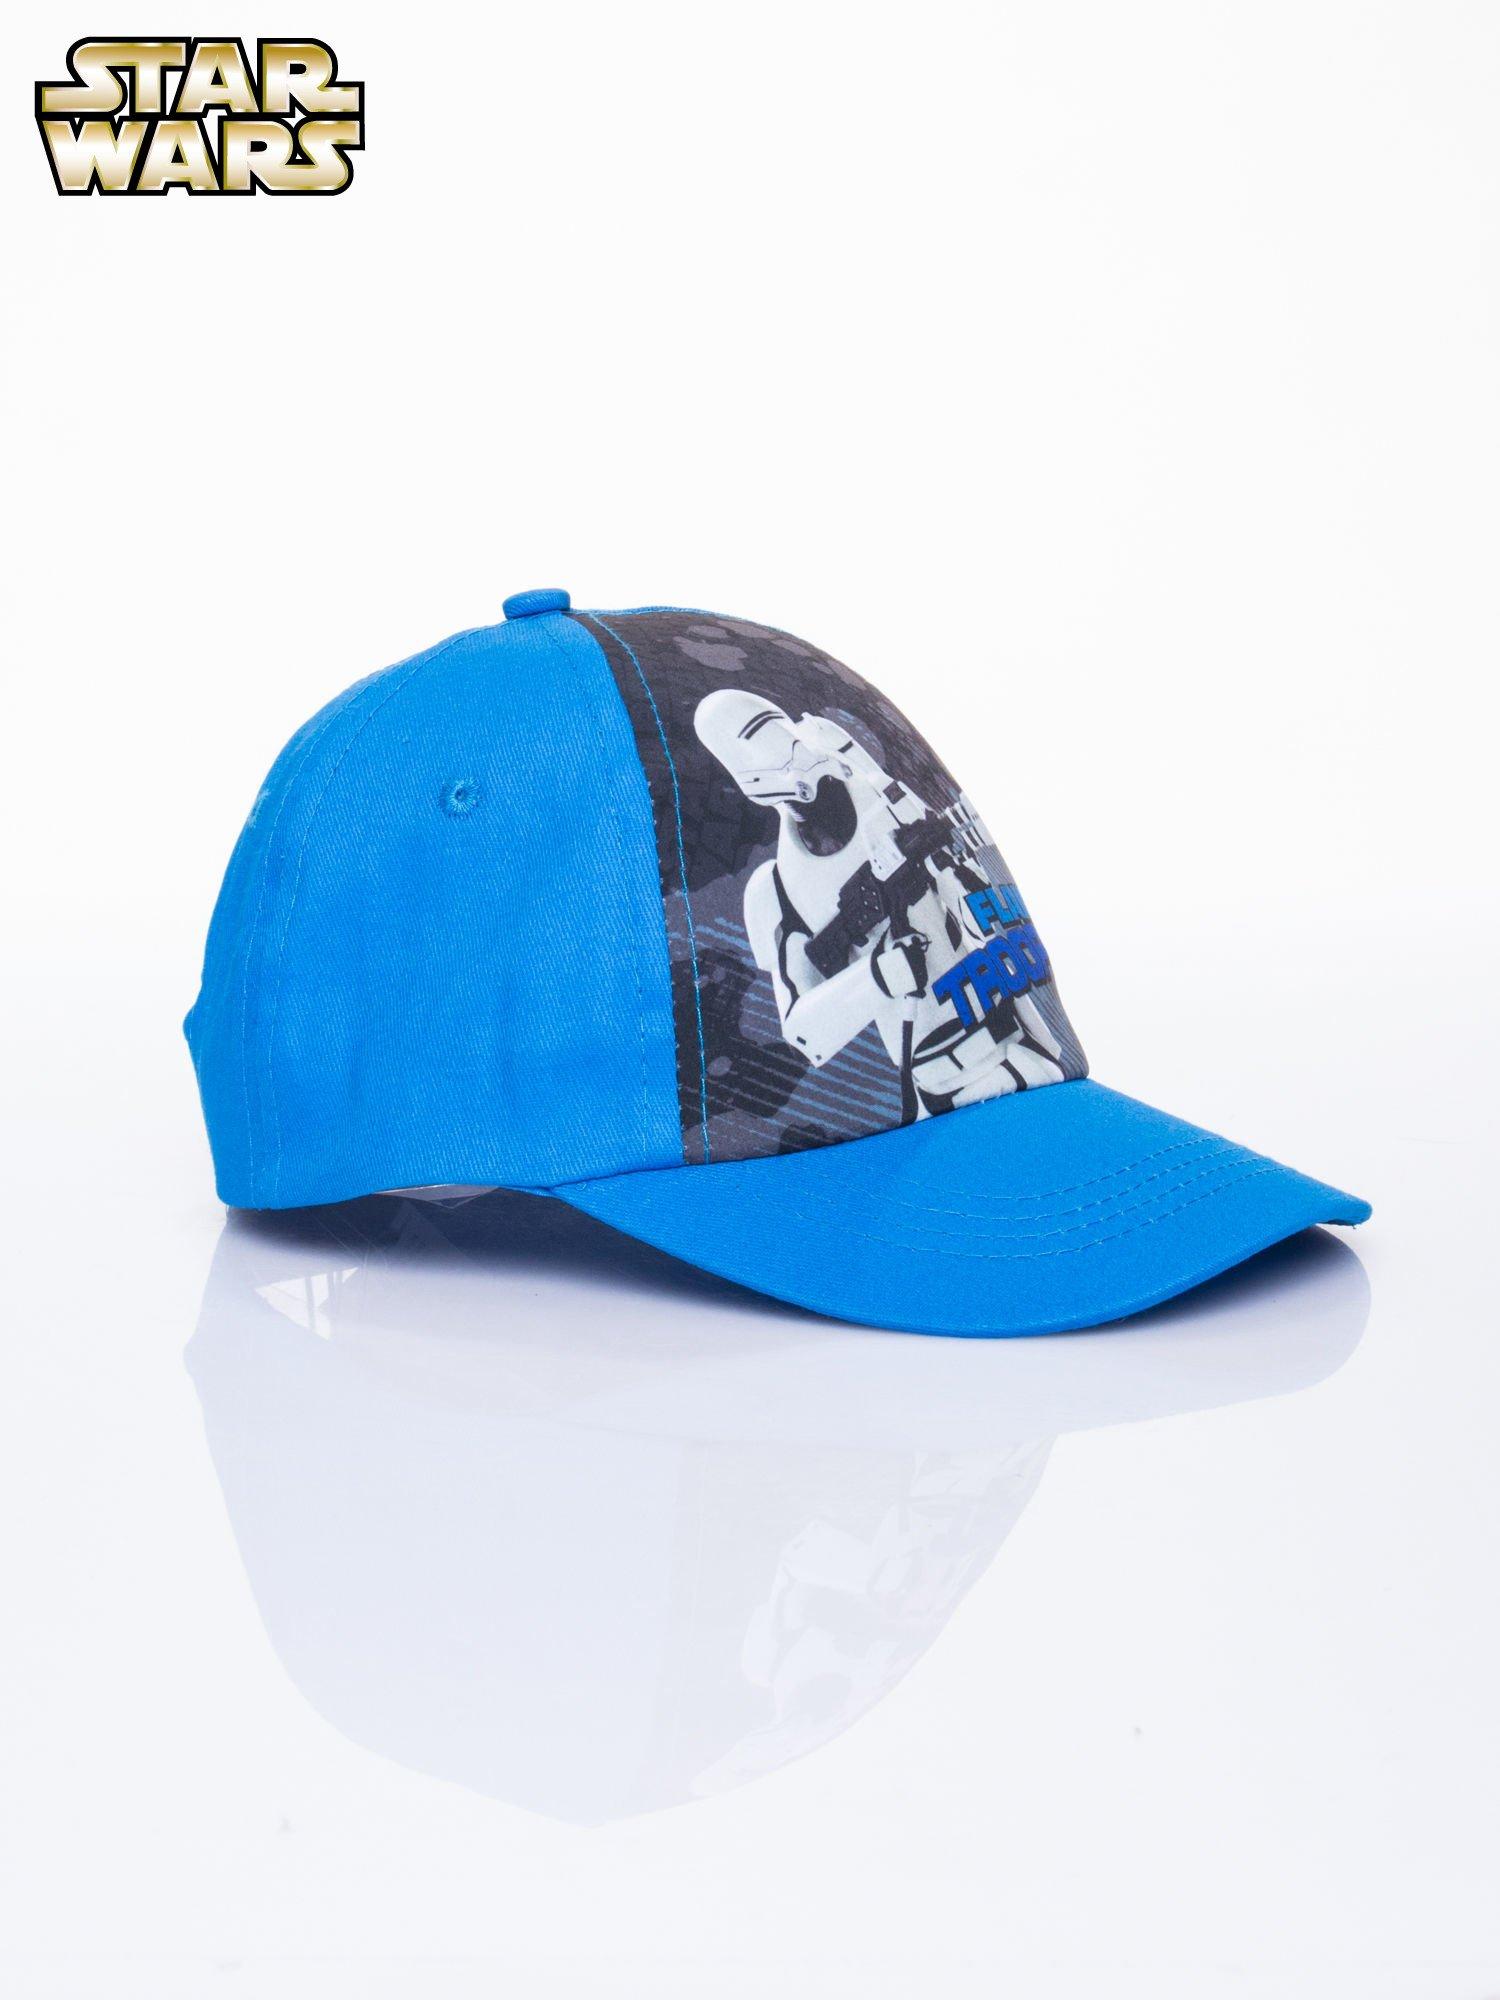 Niebieska chłopięca czapka z daszkiem STAR WARS                                  zdj.                                  2